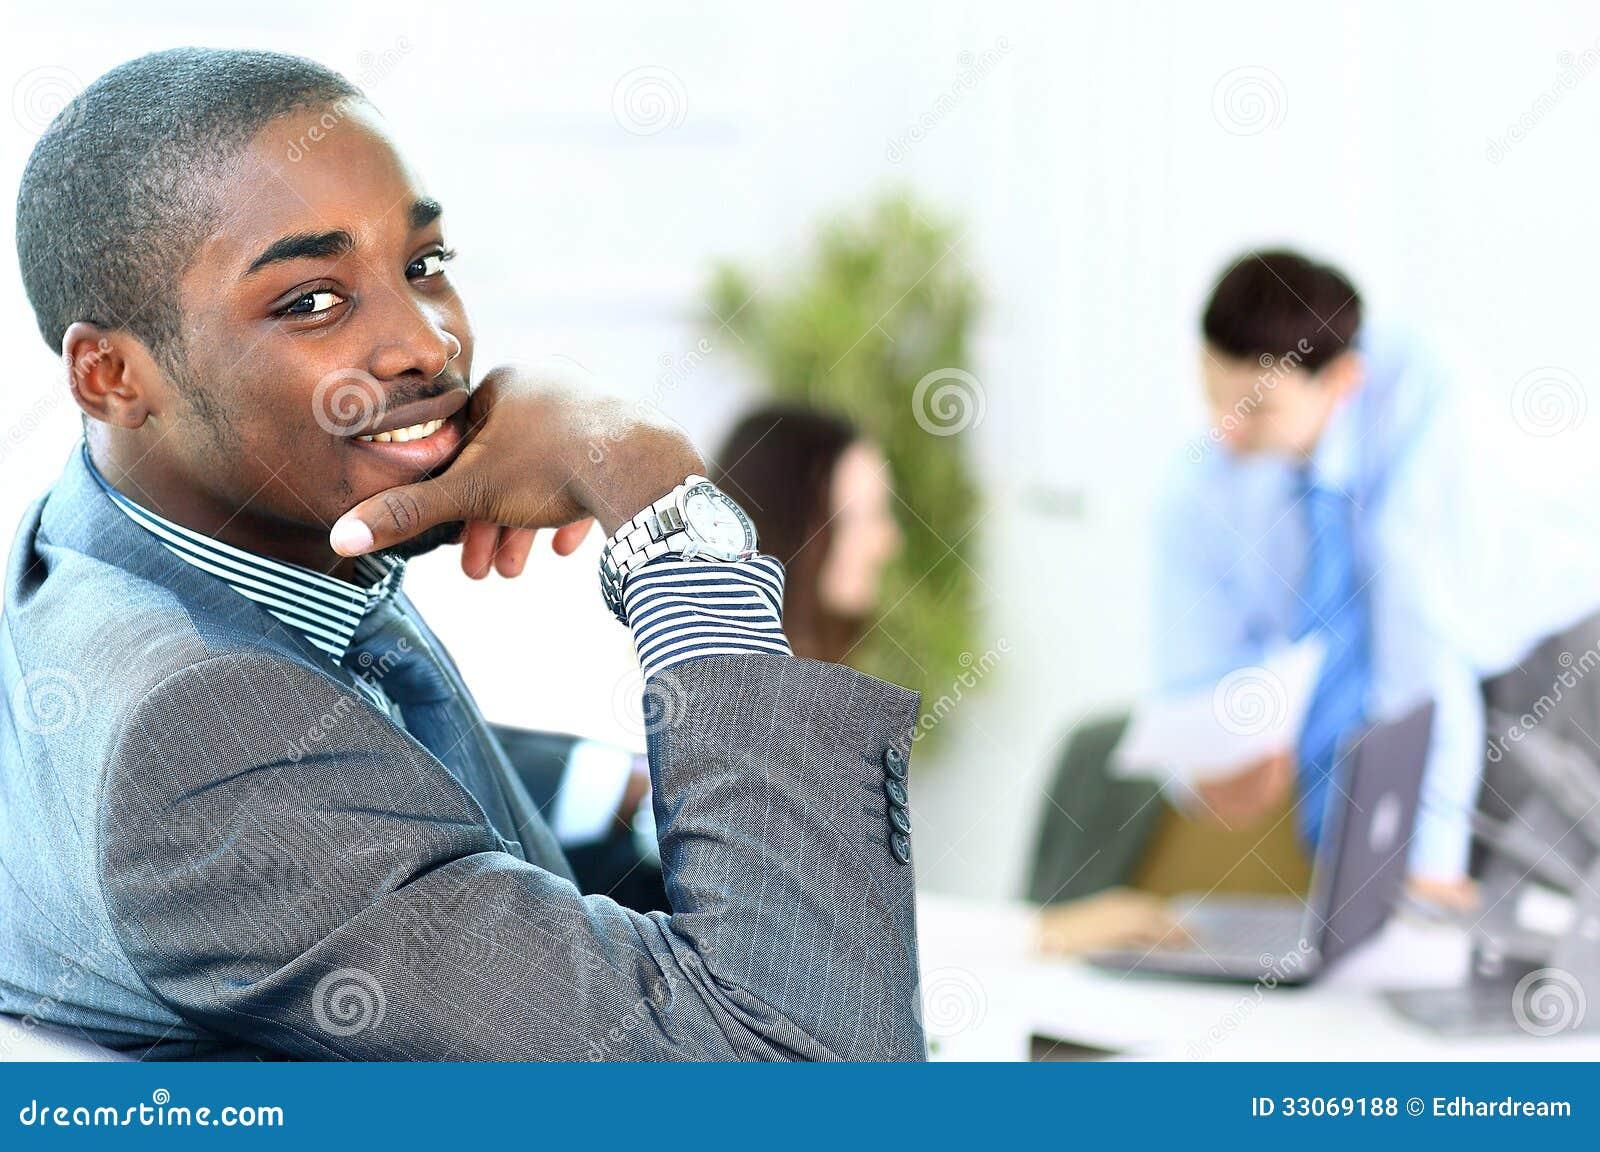 Black Executives man with executives